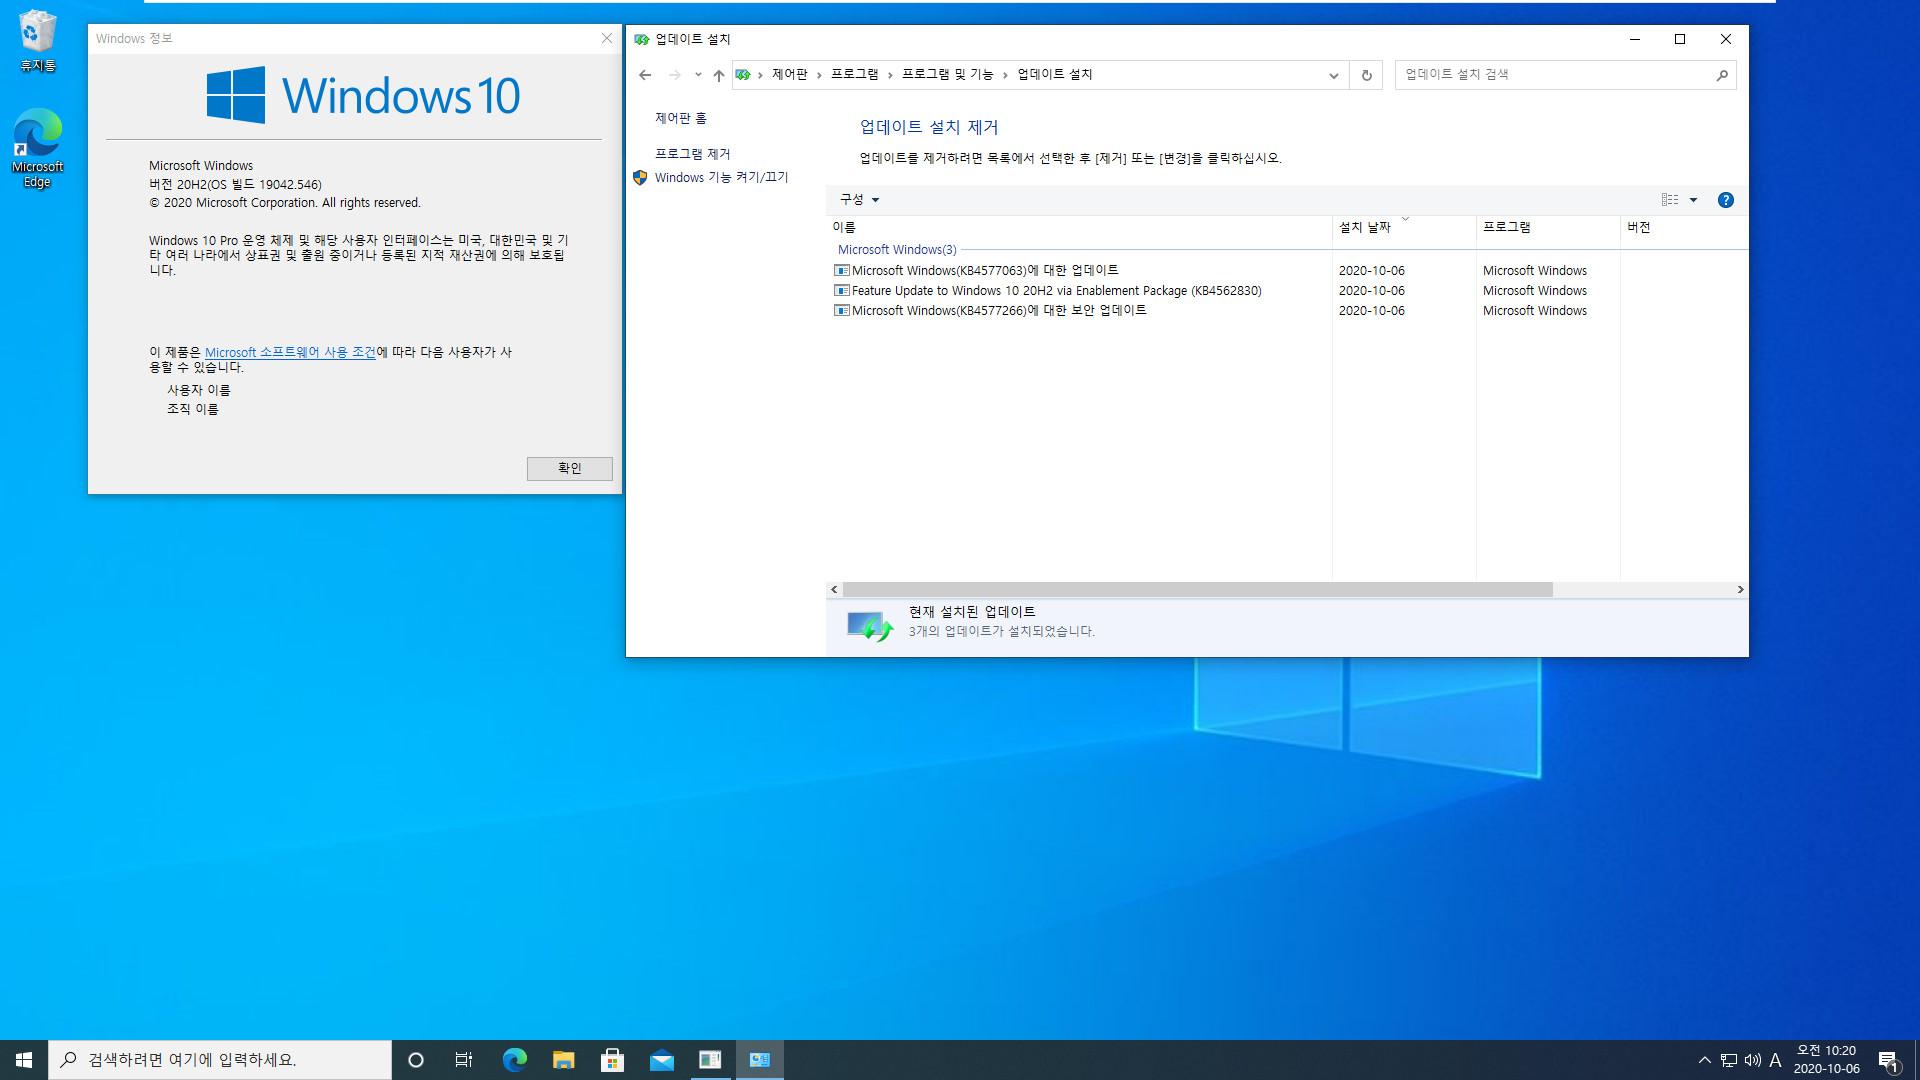 버전 2004 (20H1)에서 버전 2009 (20H2) 업그레이드하기 - 누적 업데이트와 서비스 스택이 설치되어 있지 않은 경우, 오류없이 한번에 업그레이드 설치하기 2020-10-06_102010.jpg